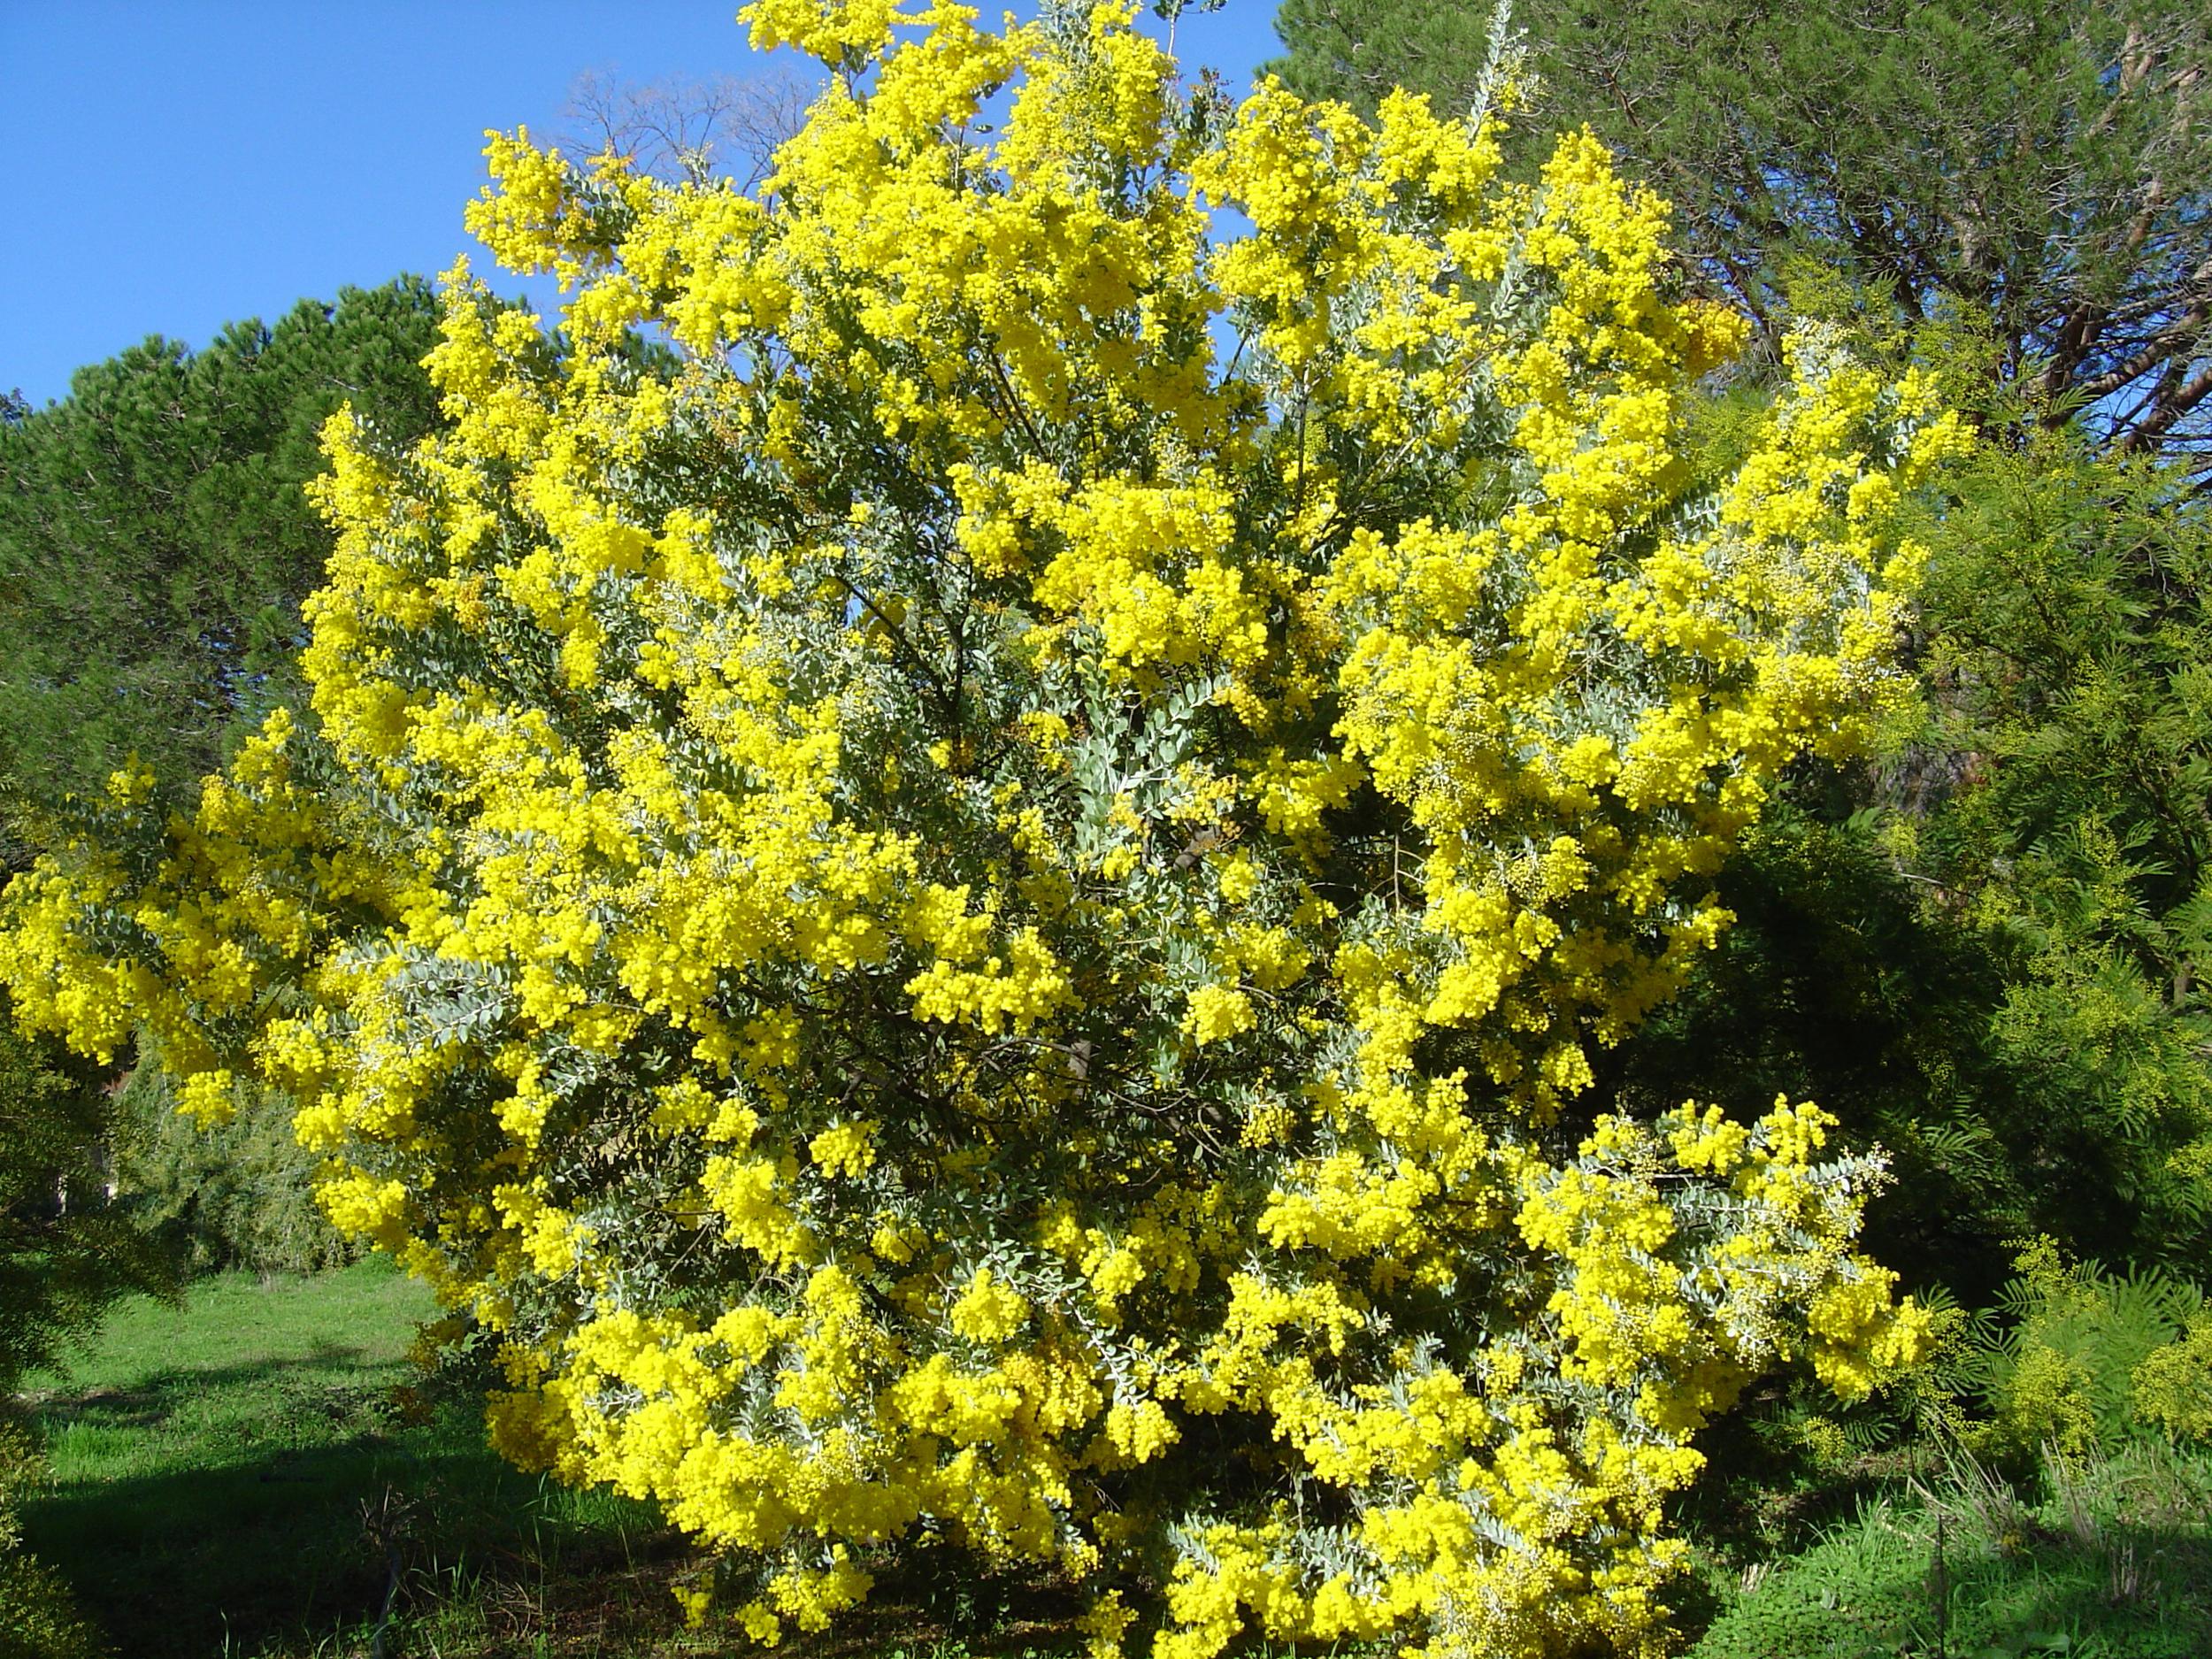 Mimosa - Acacia podalyriifolia